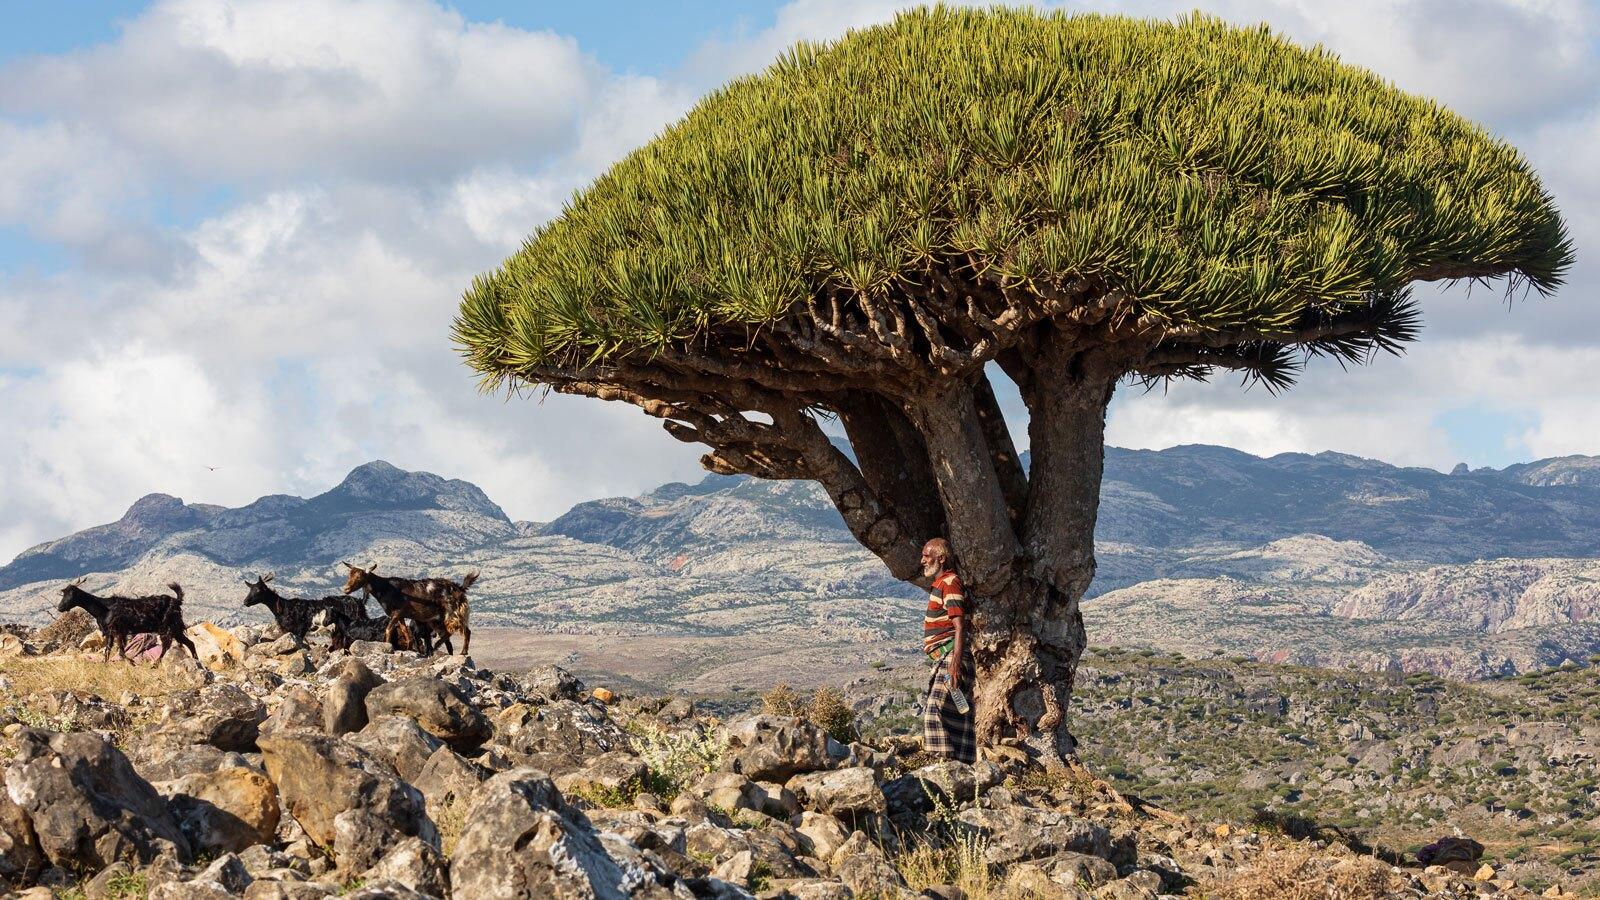 1608440917 robeka.ir از درخت خون اژدها در یمن تا حفرهای عجیب که نام اداره پست را یدک میکشد + عکس